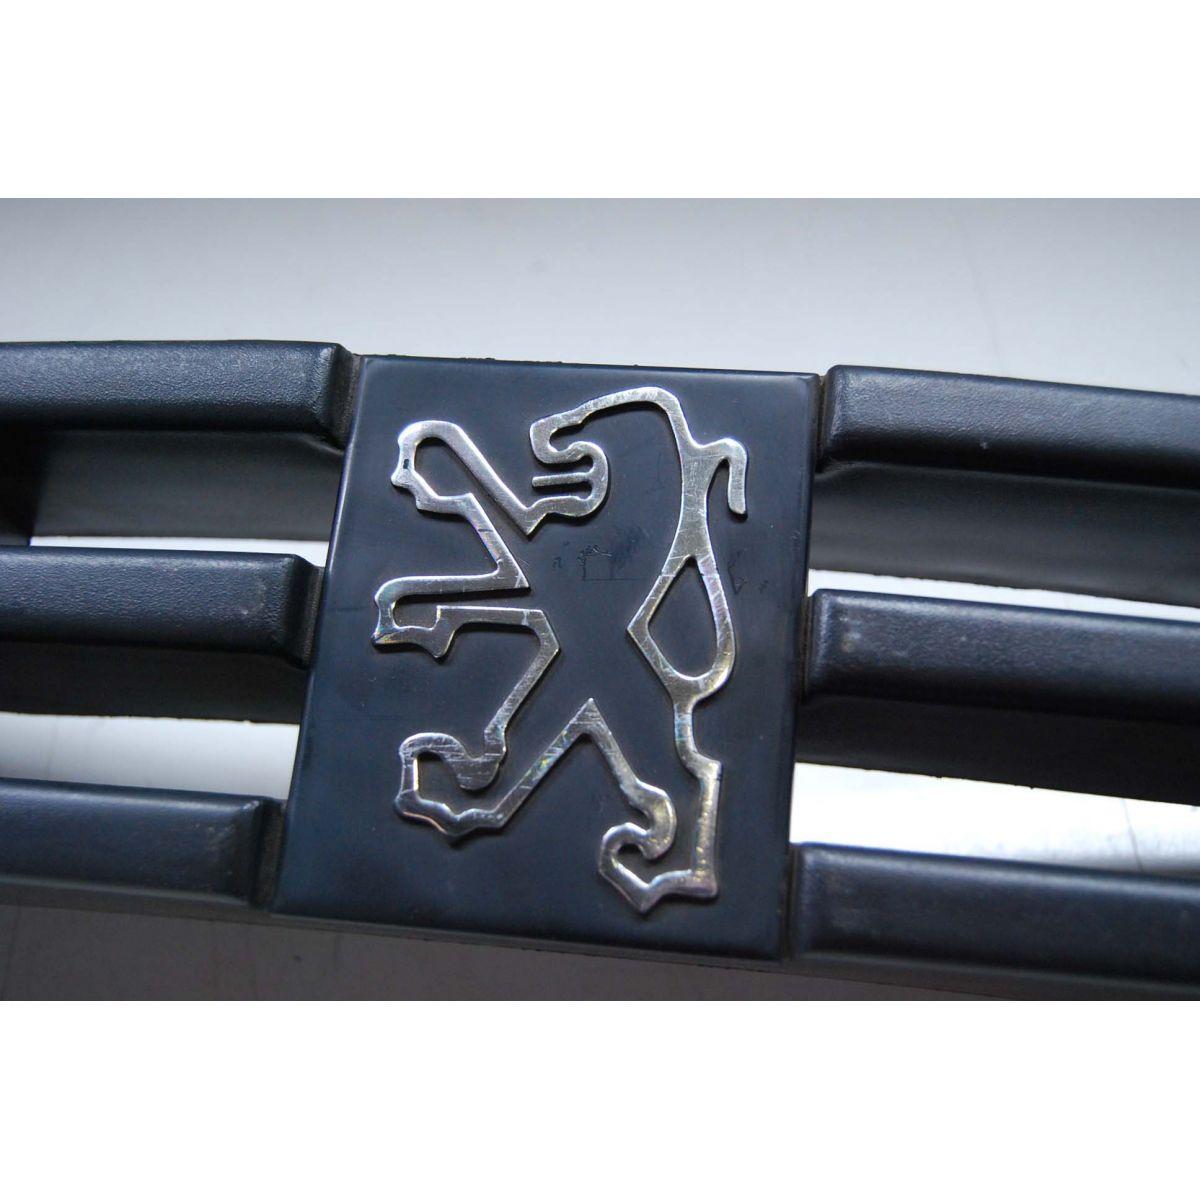 Grade Dianteira Peugeot 504 Sr 87 a 95  - Amd Auto Peças